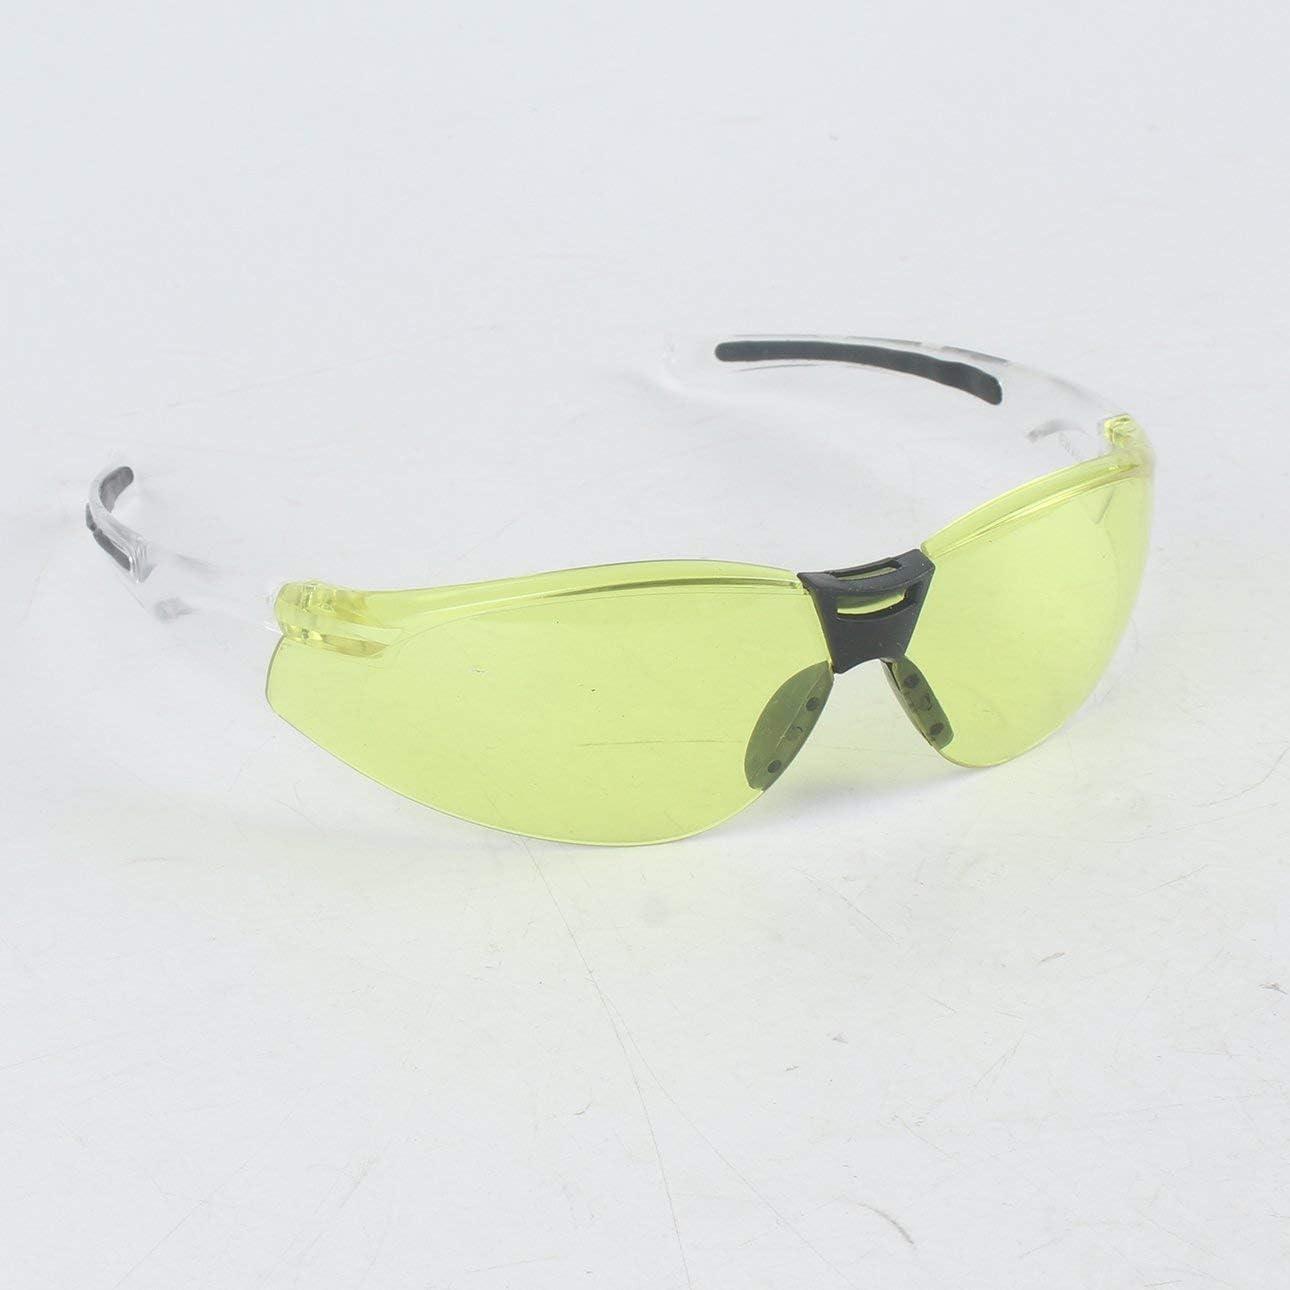 la r/ésistance /à la conduite /à v/élo la poussi/ère Celerhuak Lunettes de s/écurit/é Protection contre les rayons UV les lunettes de moto